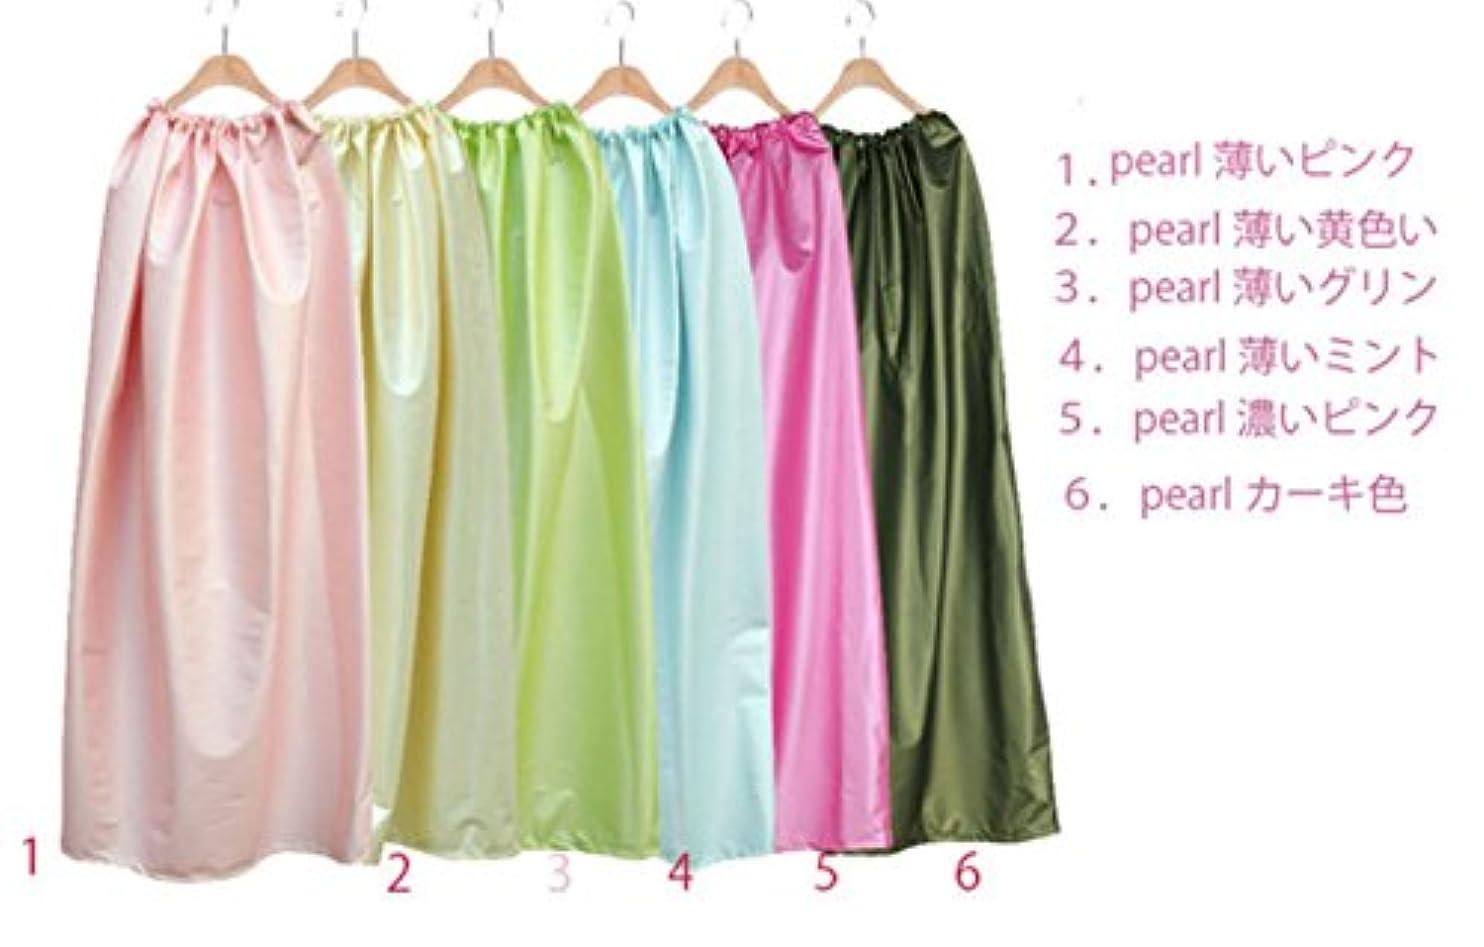 上からかう昼寝ヨモギ蒸し服レザー材質のような厚い (5.pearl濃いピンク)